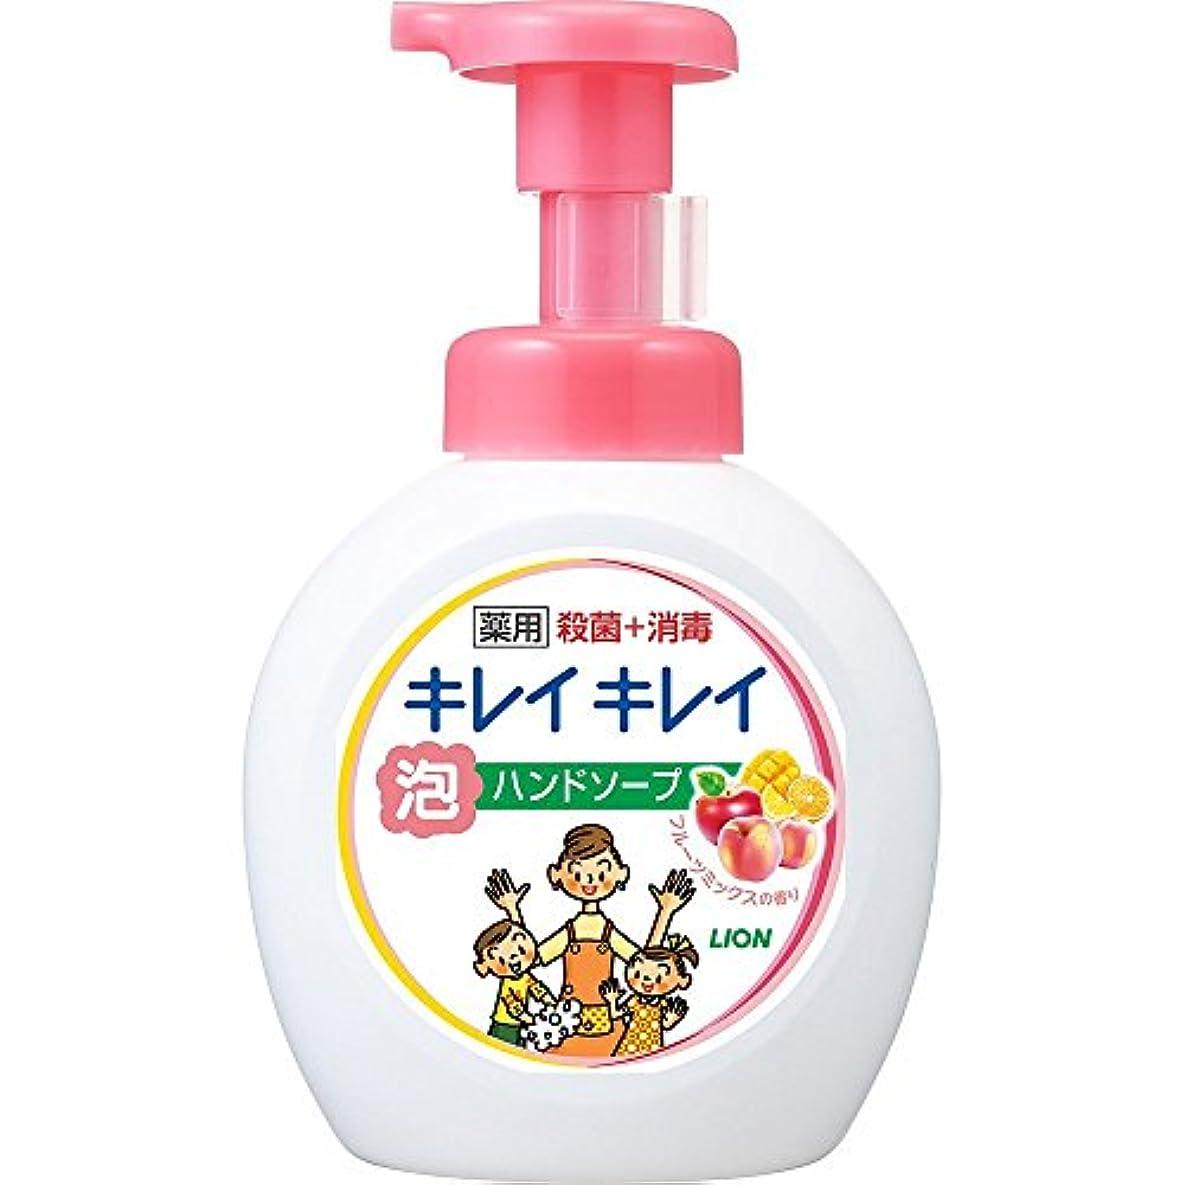 盲信失礼ディンカルビルキレイキレイ 薬用 泡ハンドソープ フルーツミックスの香り 本体ポンプ 大型サイズ 500ml(医薬部外品)